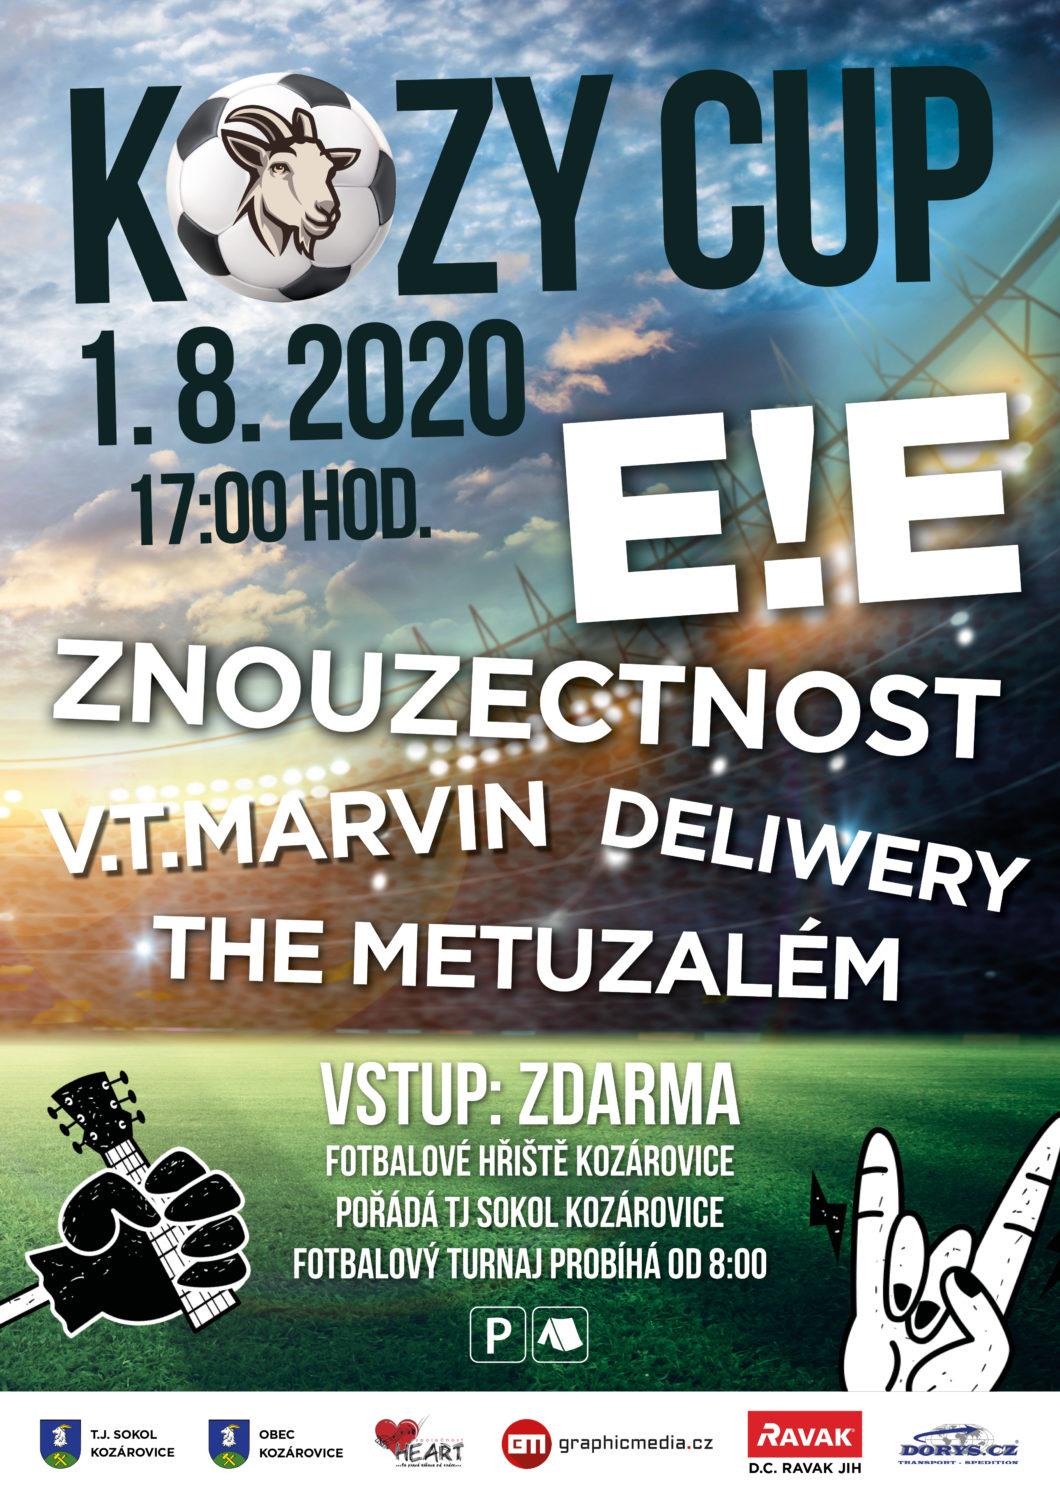 Kozy Cup 2020 – 1. 8. 2020